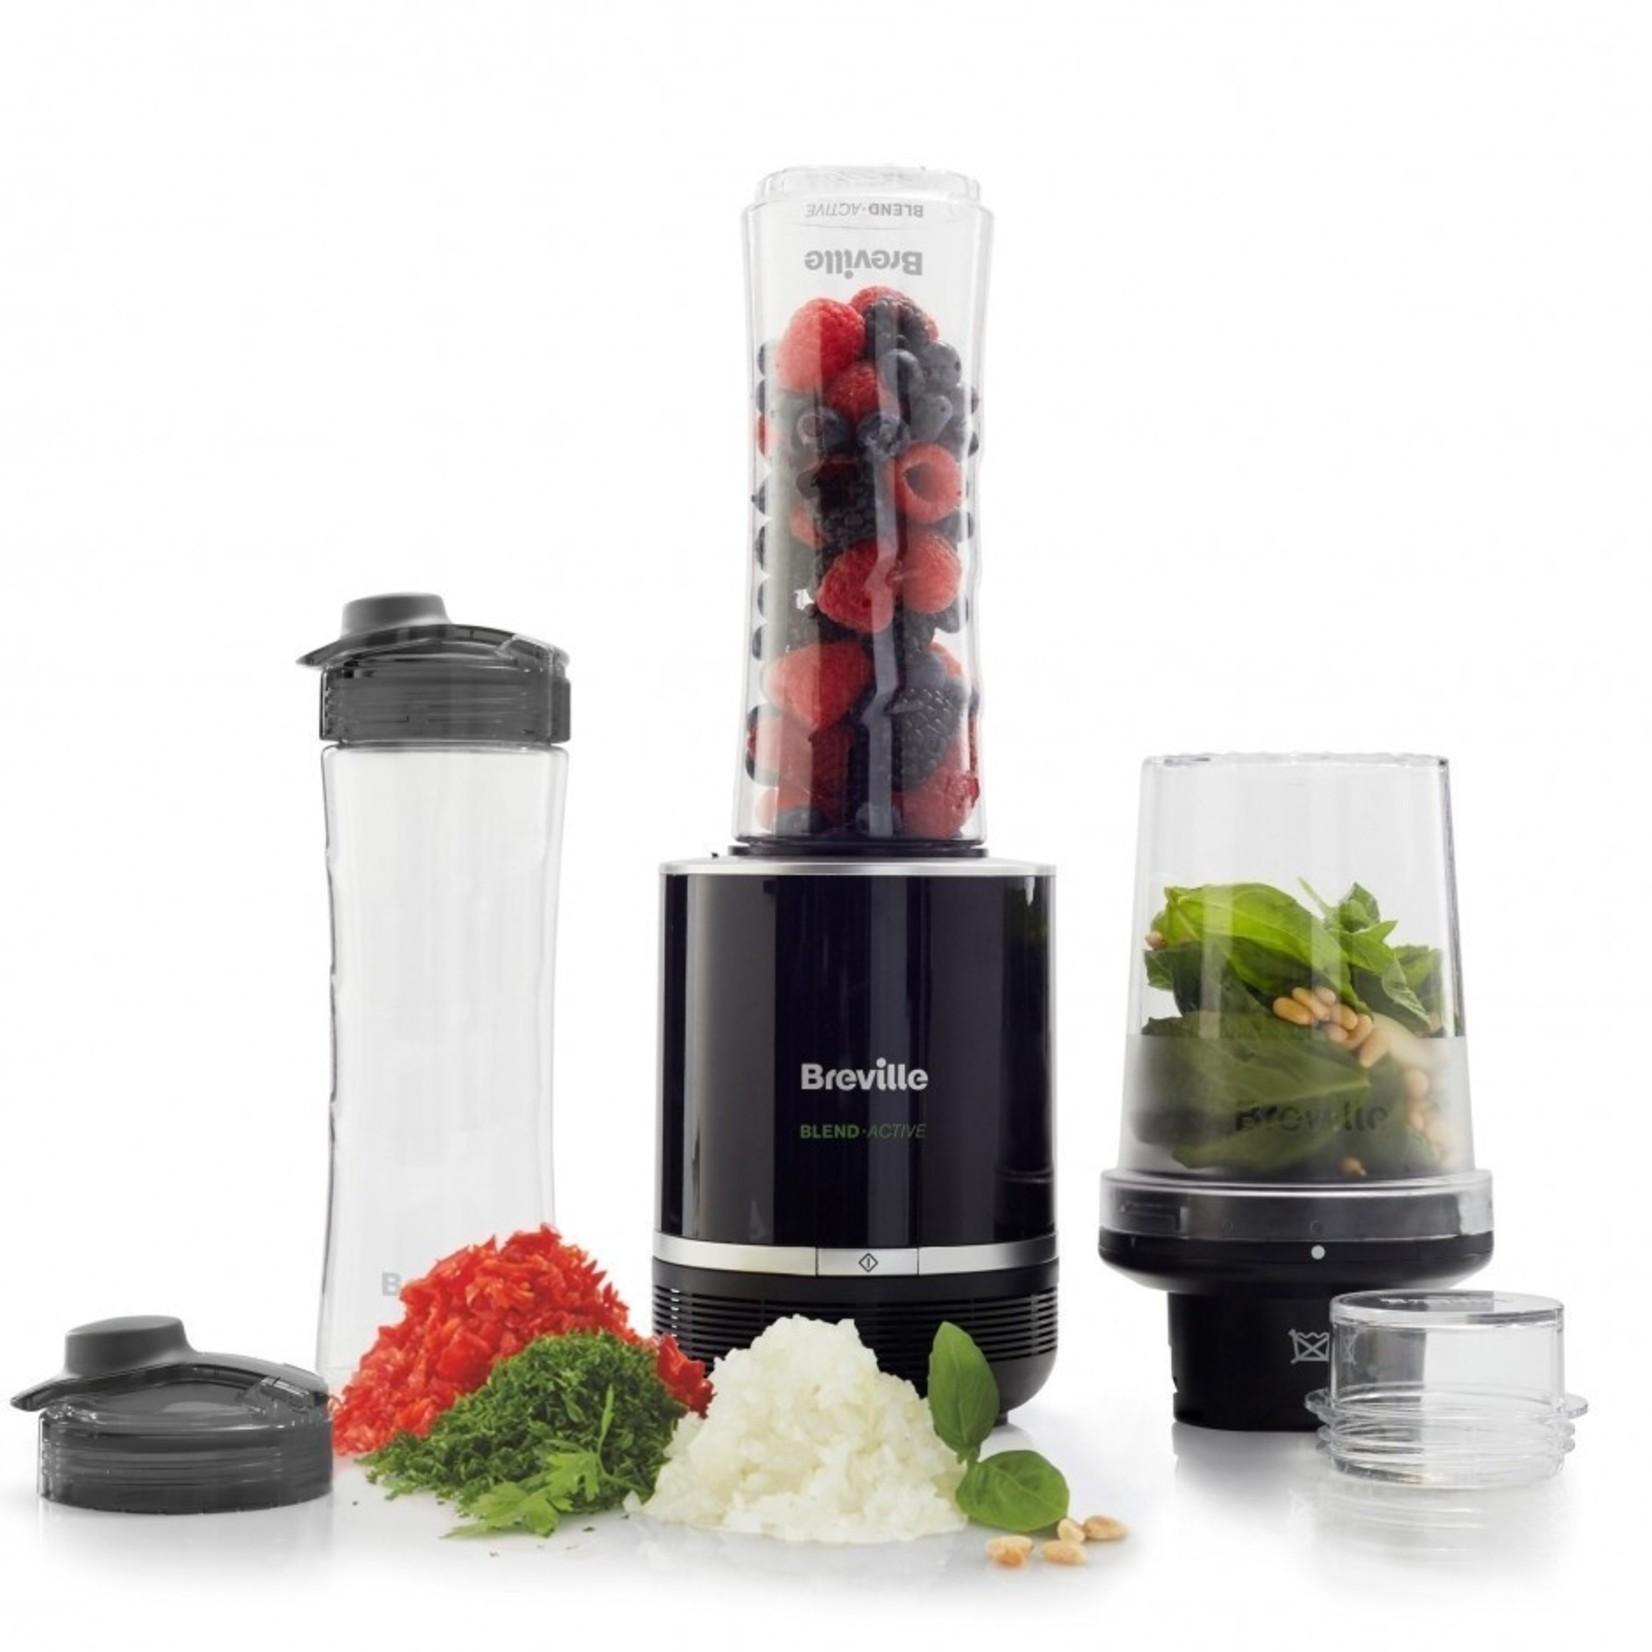 Breville Breville Blend Active blender Pro Food prep blender set